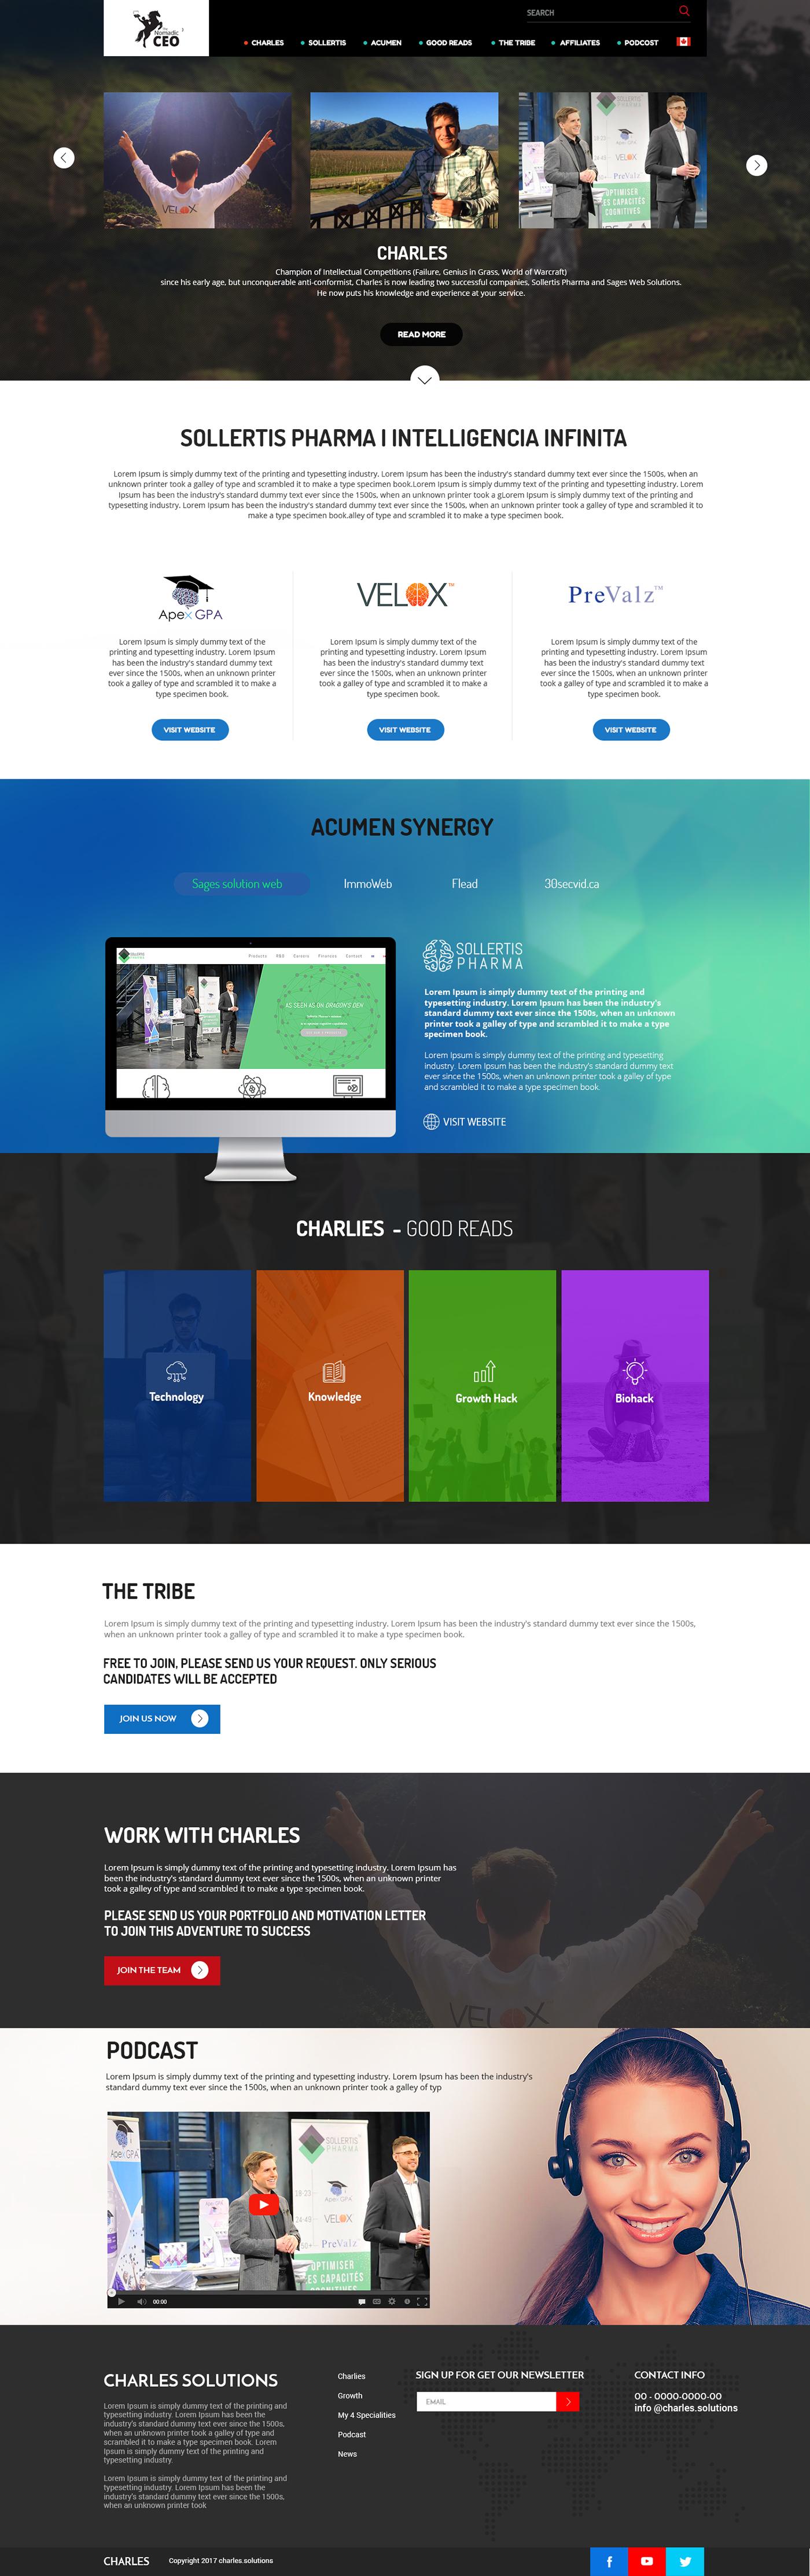 Website Design ui design Web designer graphic design  Responsive Design Interection Design  Layout Design latest design Latest Trends dubai website